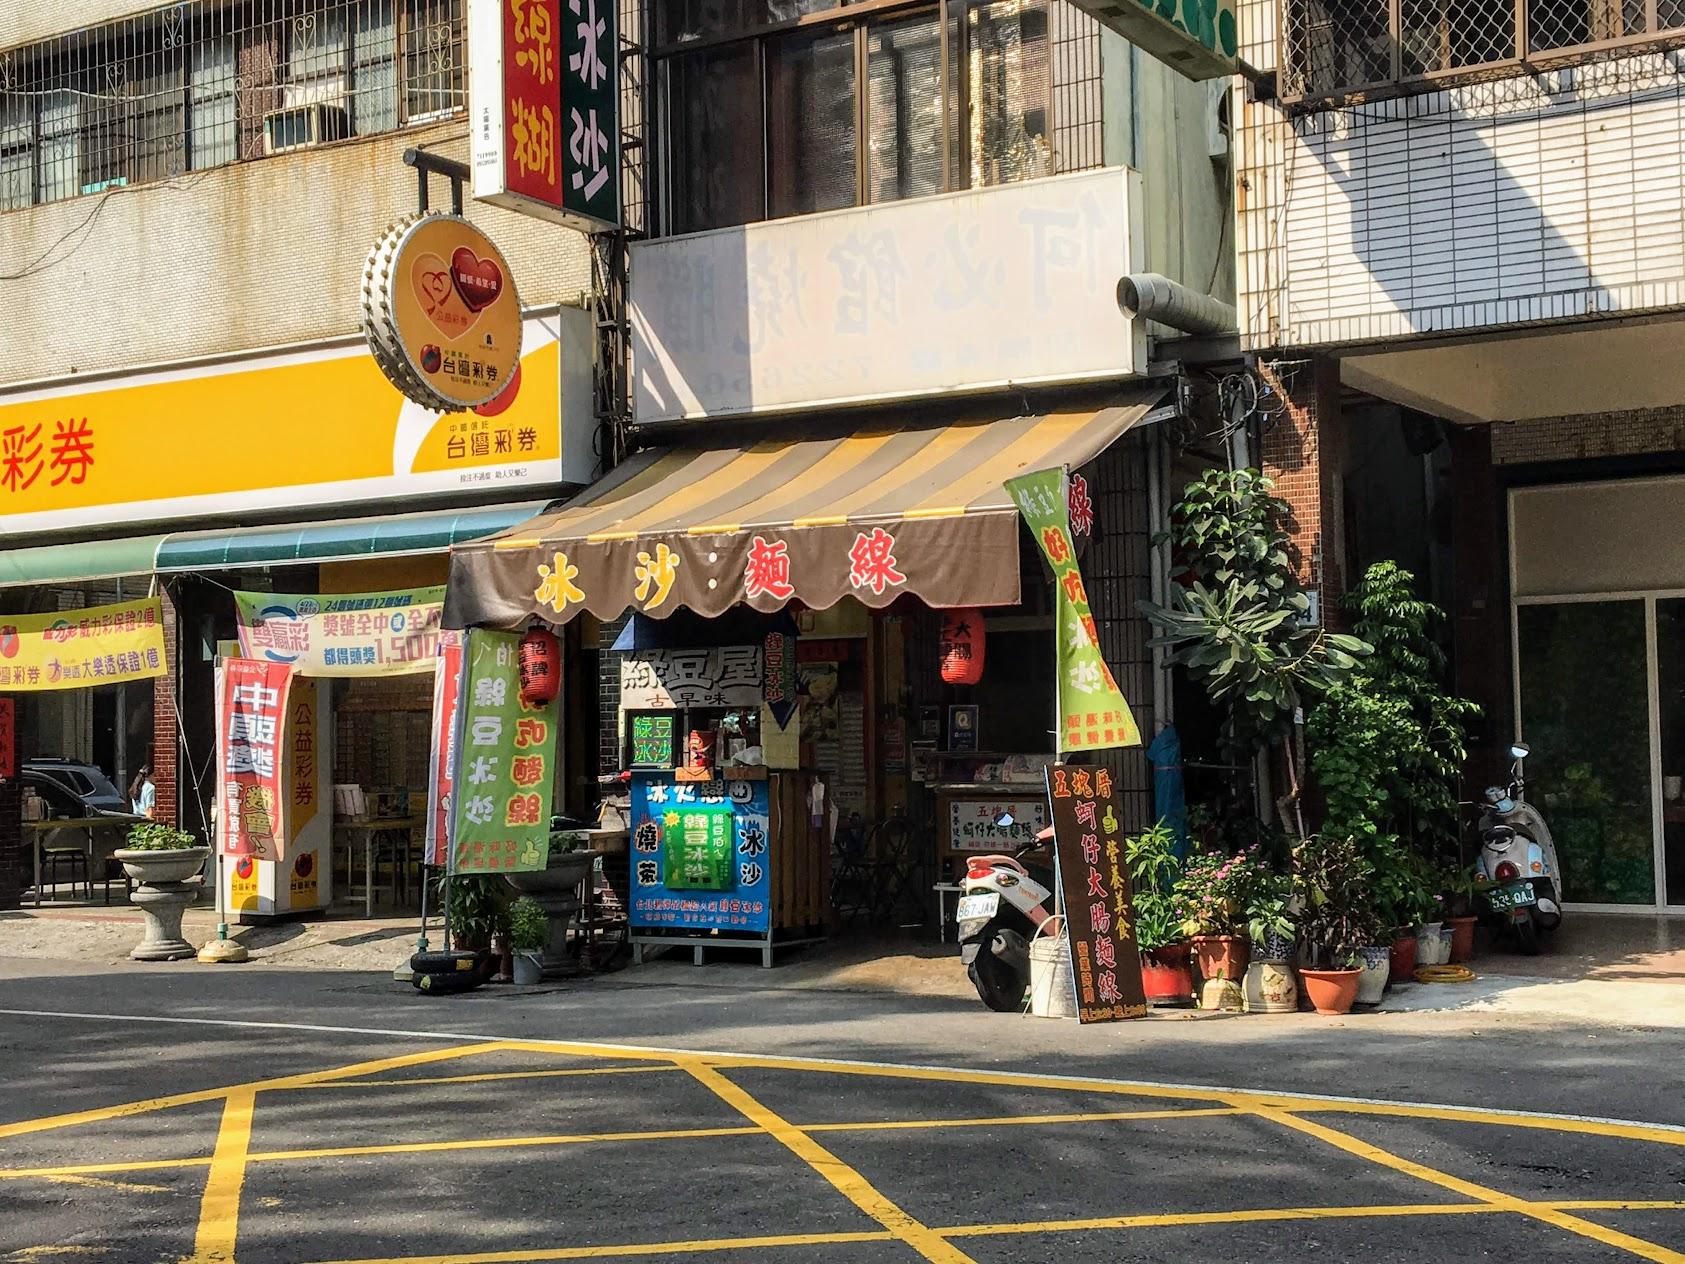 記得以前這邊是賣燒臘的店,現在變成這一家冰沙/麵線的店...